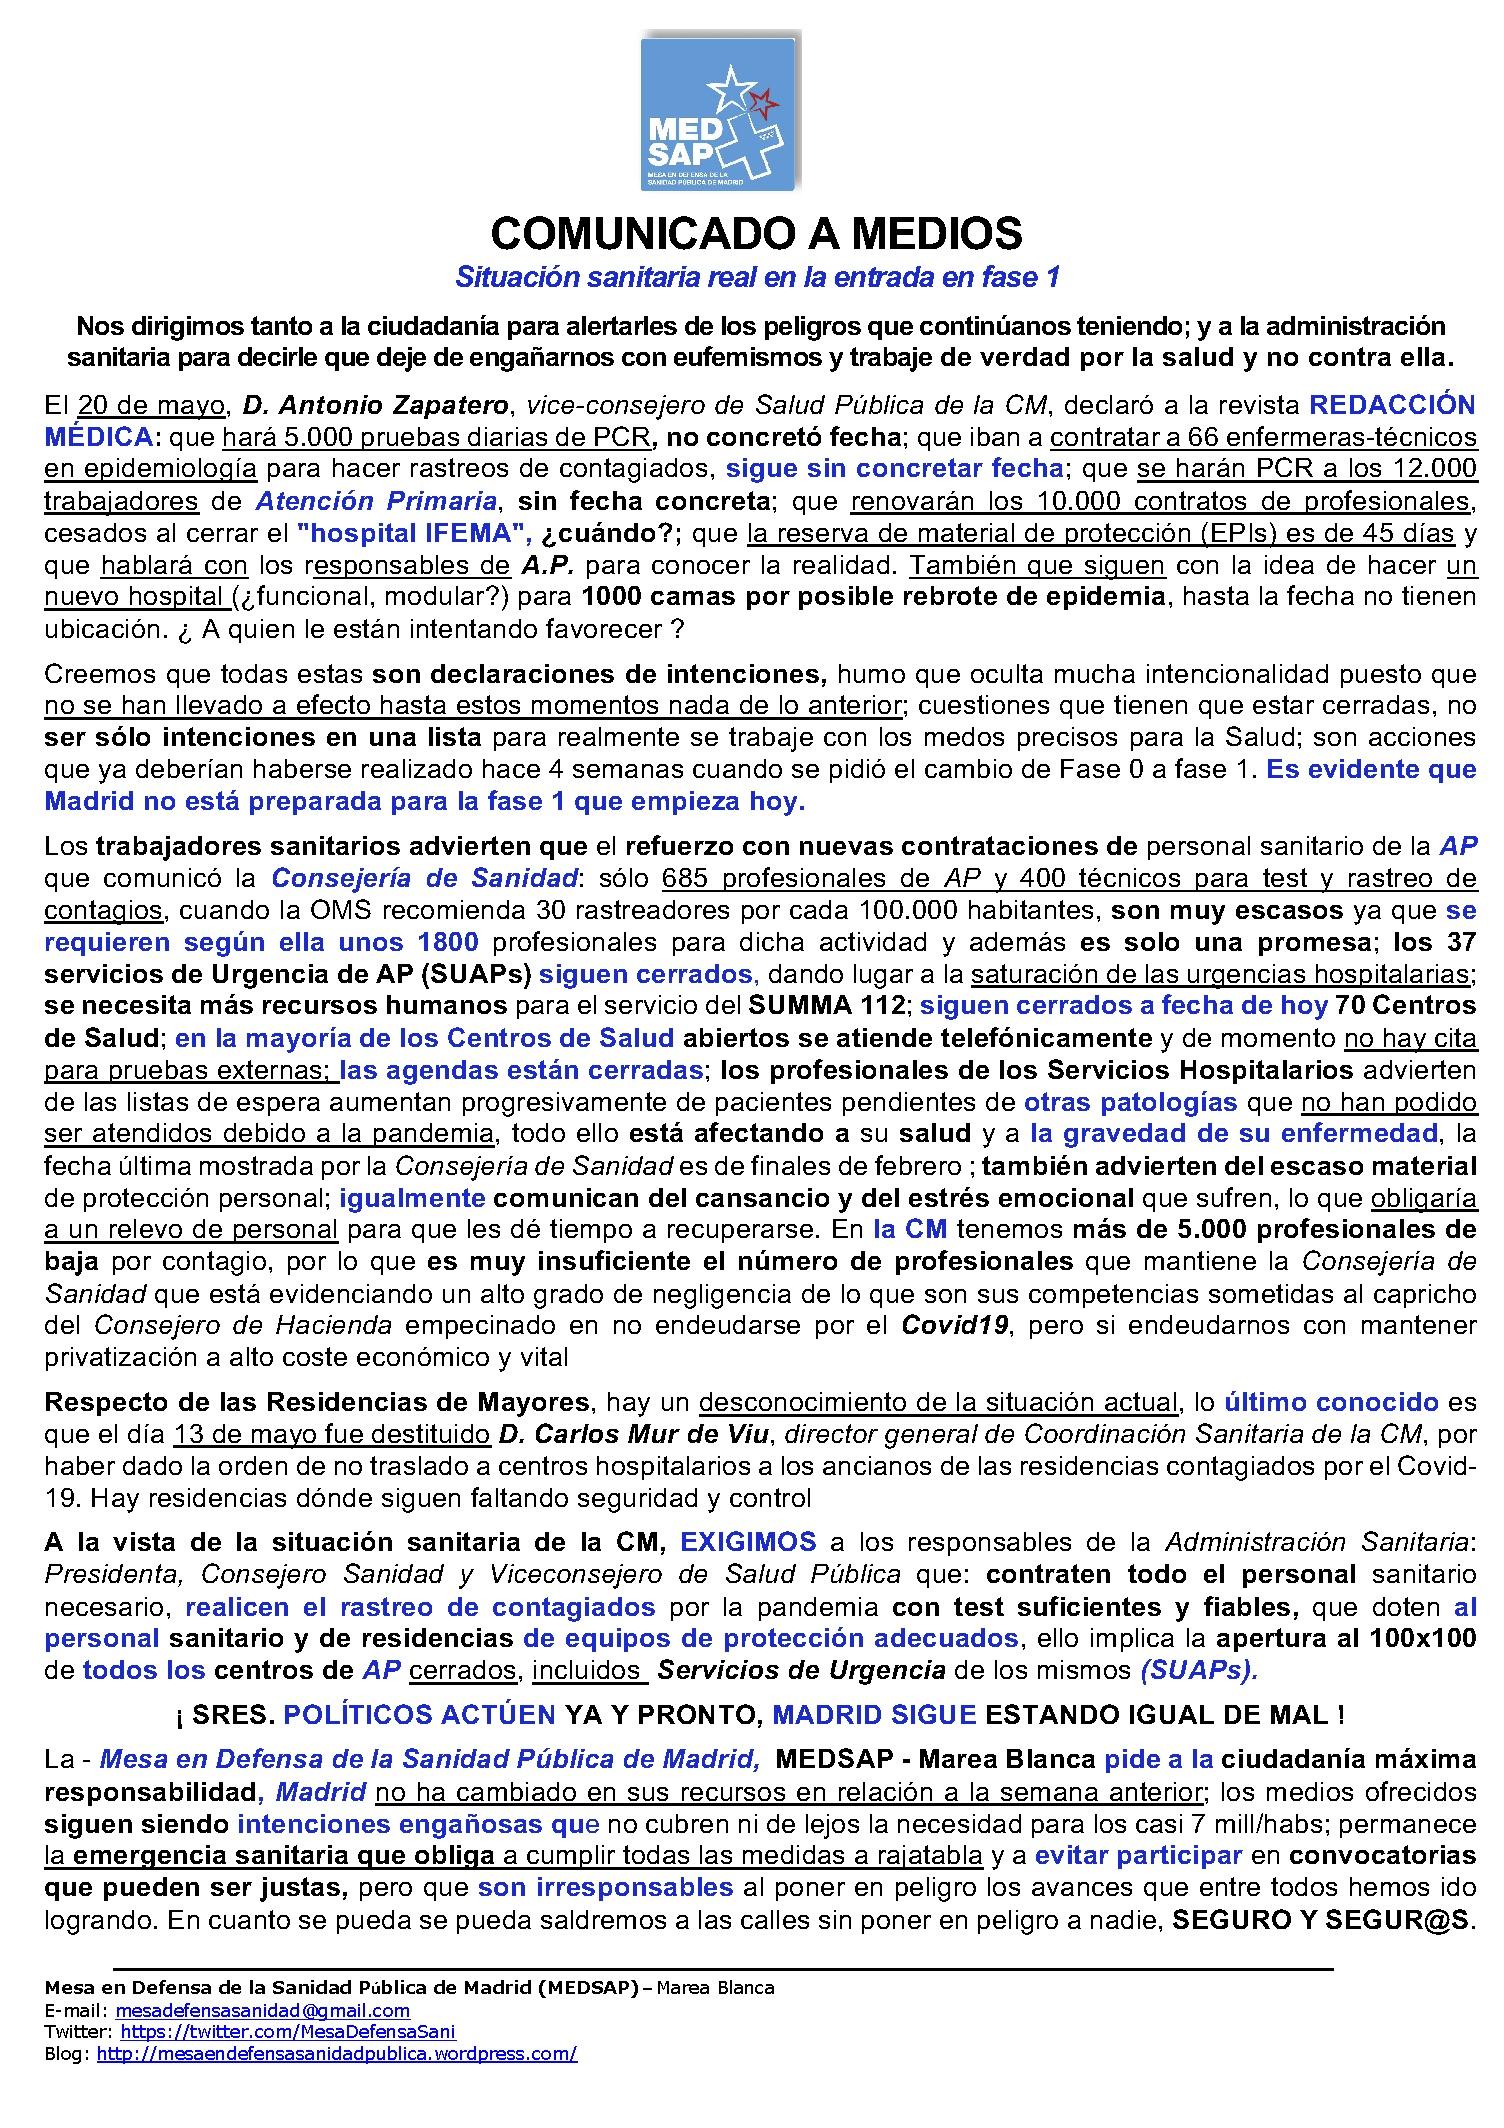 COMUNICADO A MEDIOS 2 ANTE FASE1